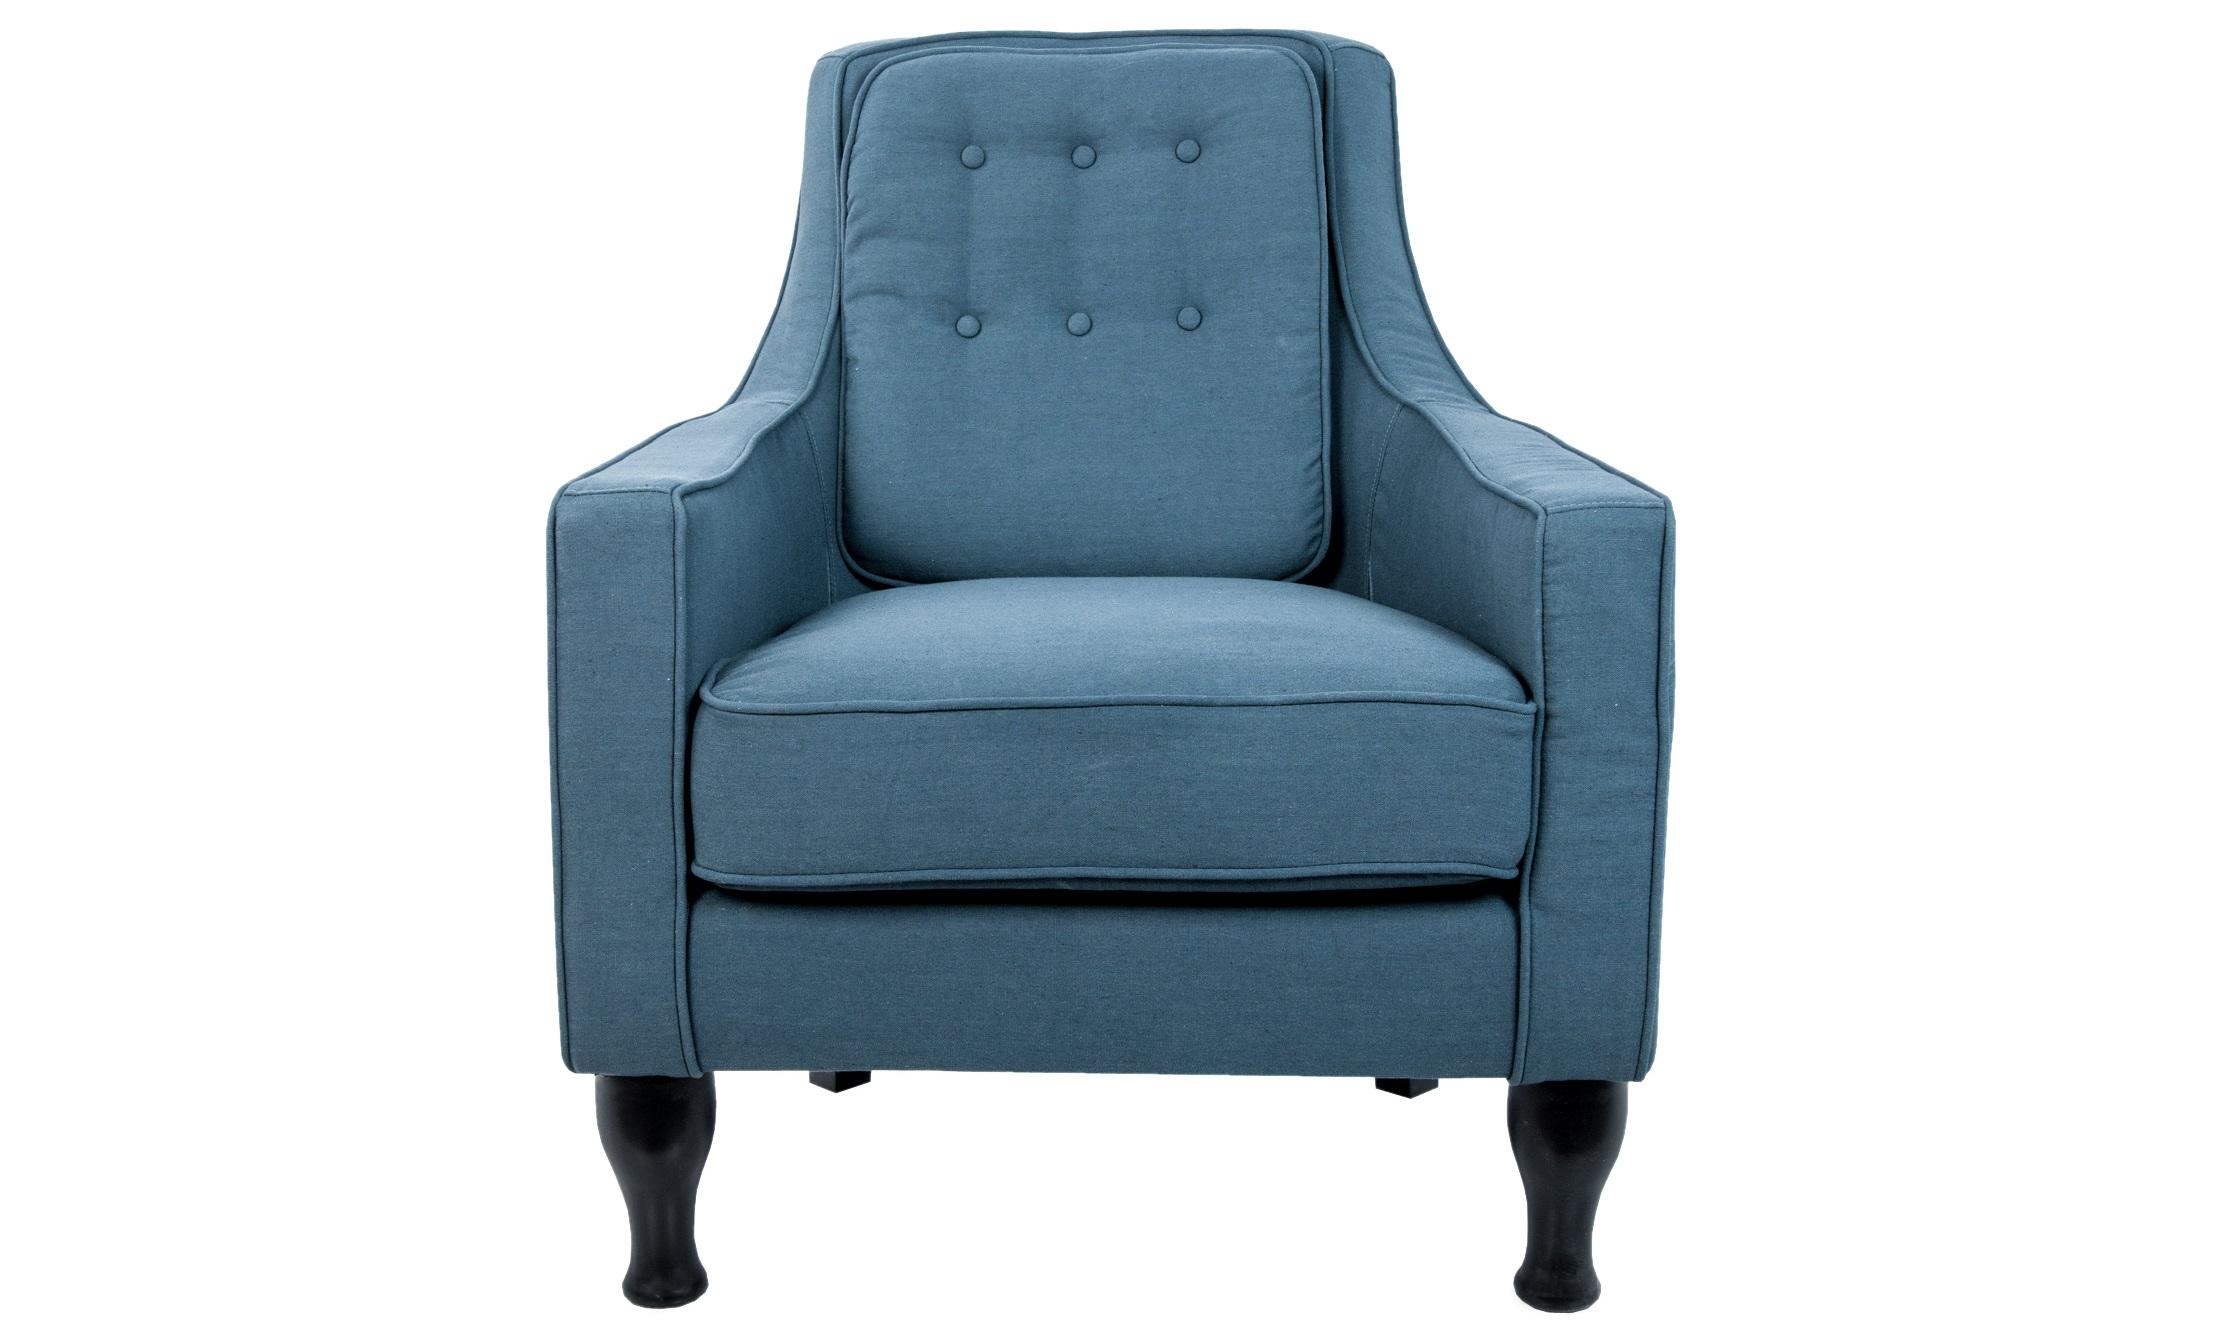 Кресло MontiИнтерьерные кресла<br>Стильное и крайне уютное кресло! Глубокое, удобное, с высокой спинкой и подлокотниками. Интересный эргономический дизайн спинки, деревянные ножки - данная модель прекрасный выбор для тех, кто ценит комфорт.&amp;amp;nbsp;<br><br>Material: Лен<br>Ширина см: 80<br>Высота см: 97<br>Глубина см: 90